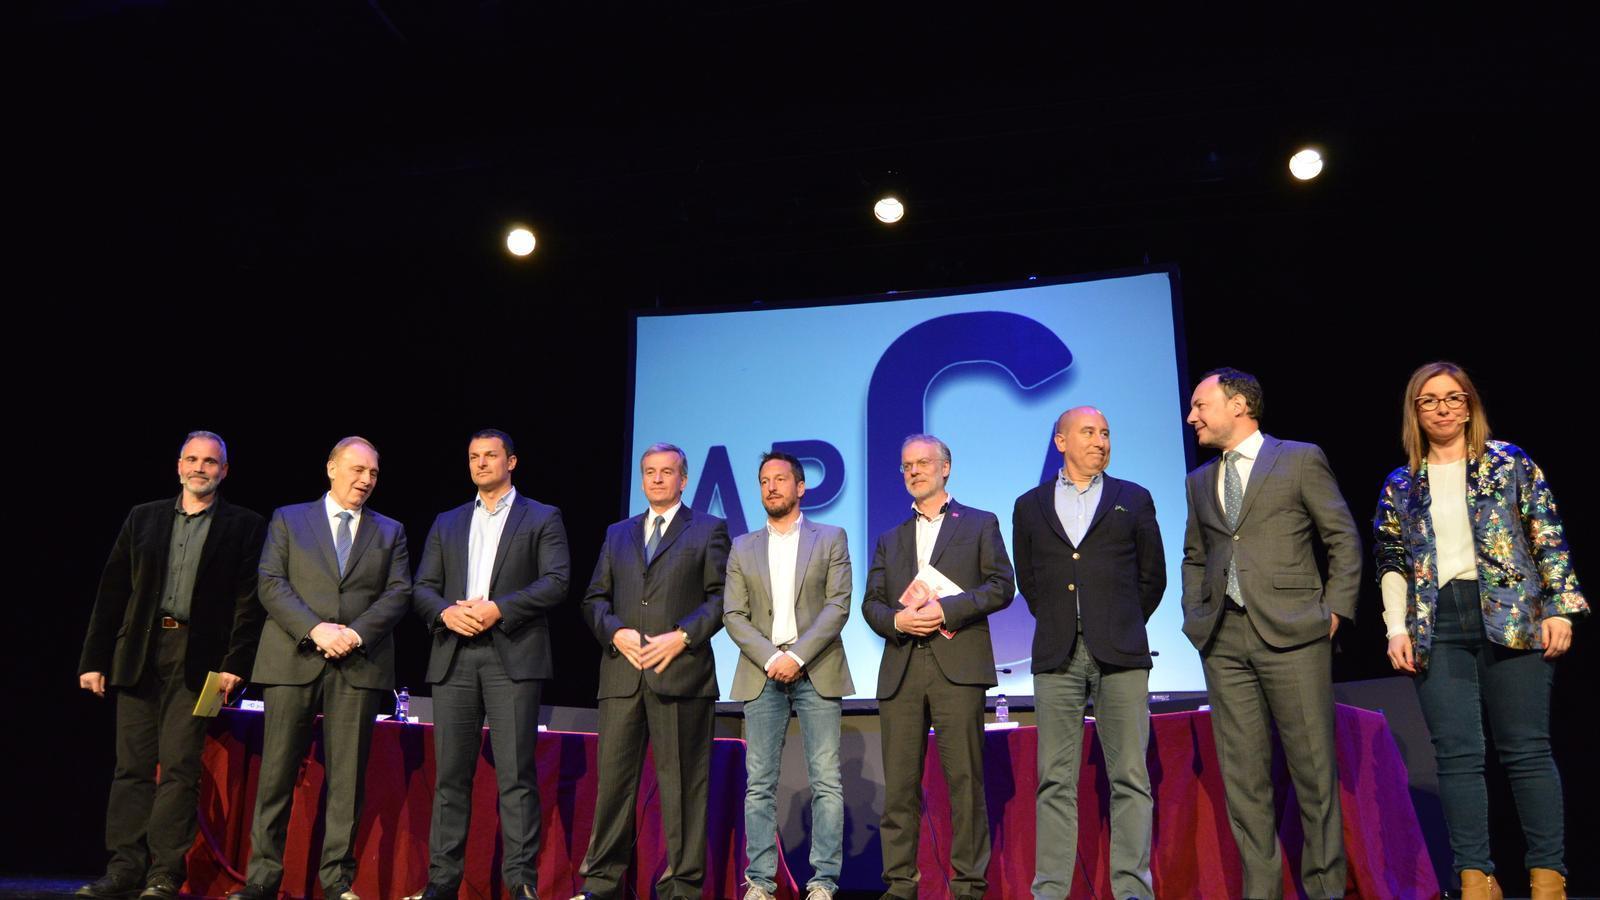 Els set candidats a cap de Govern i els moderadors, Albert Roig i Ester Pons, abans del debat organitzat per l'APCA. / M. F.